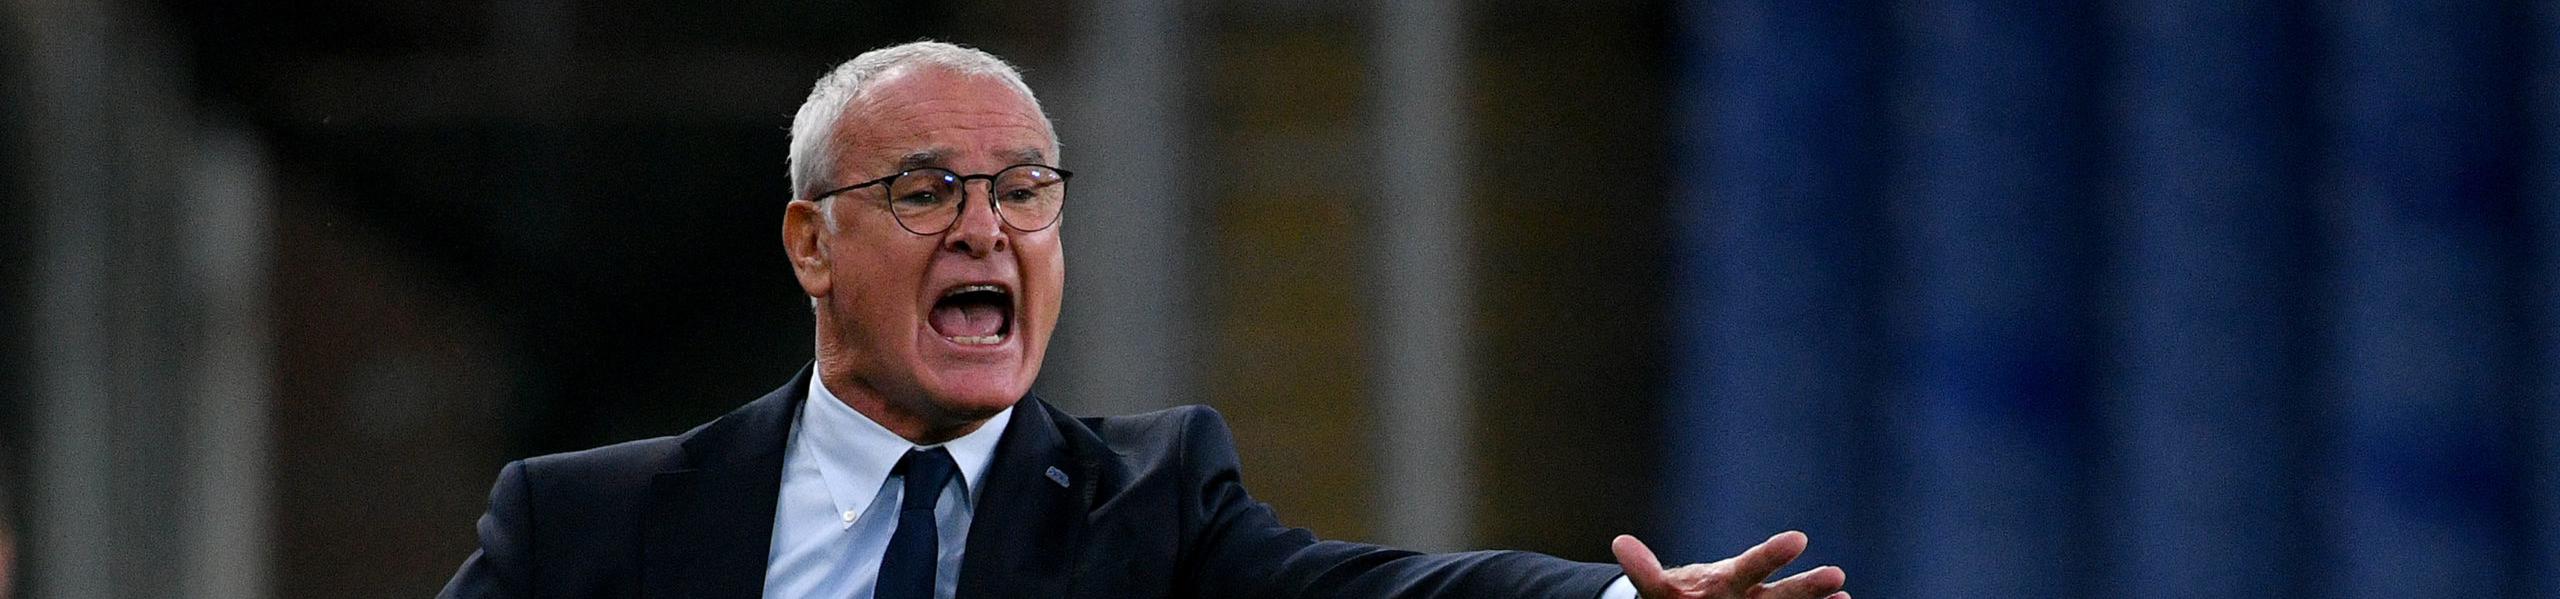 Pronostico Sampdoria-Genoa: Ranieri aspetta Candreva, Maran valuta il 4-3-1-2 - le ultimissime